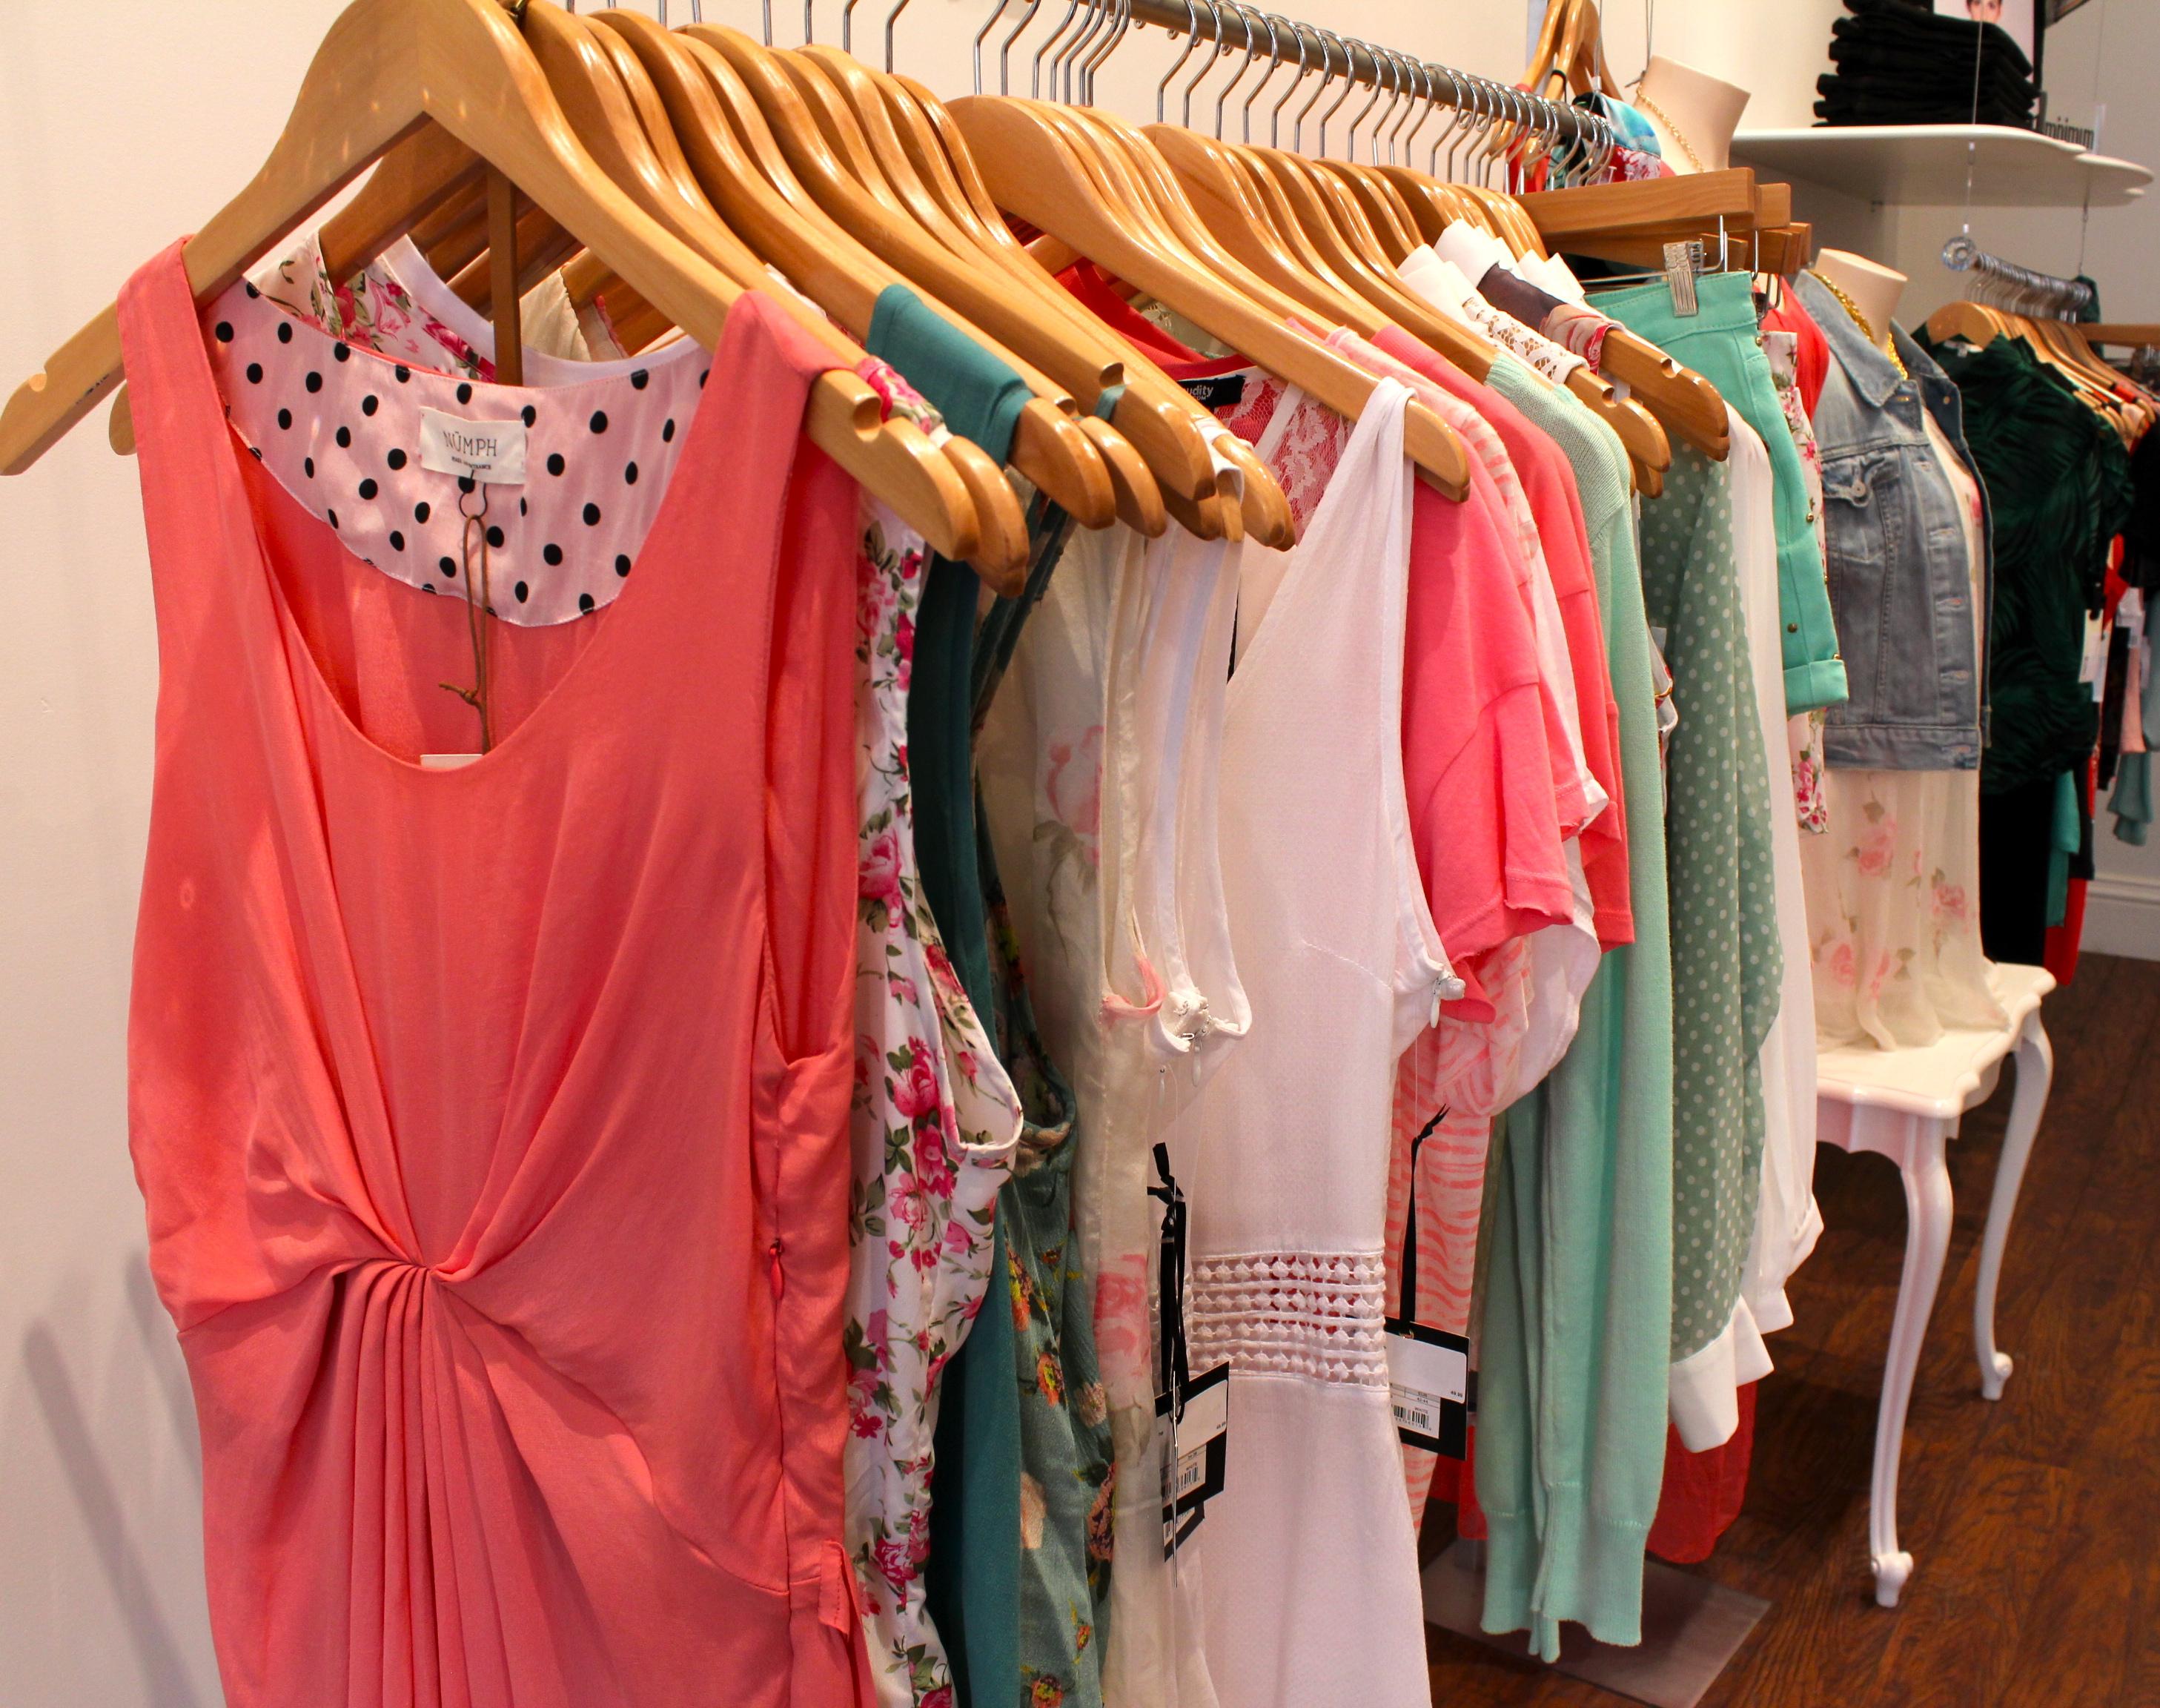 79b415cecf91 boutique mode femme quebec